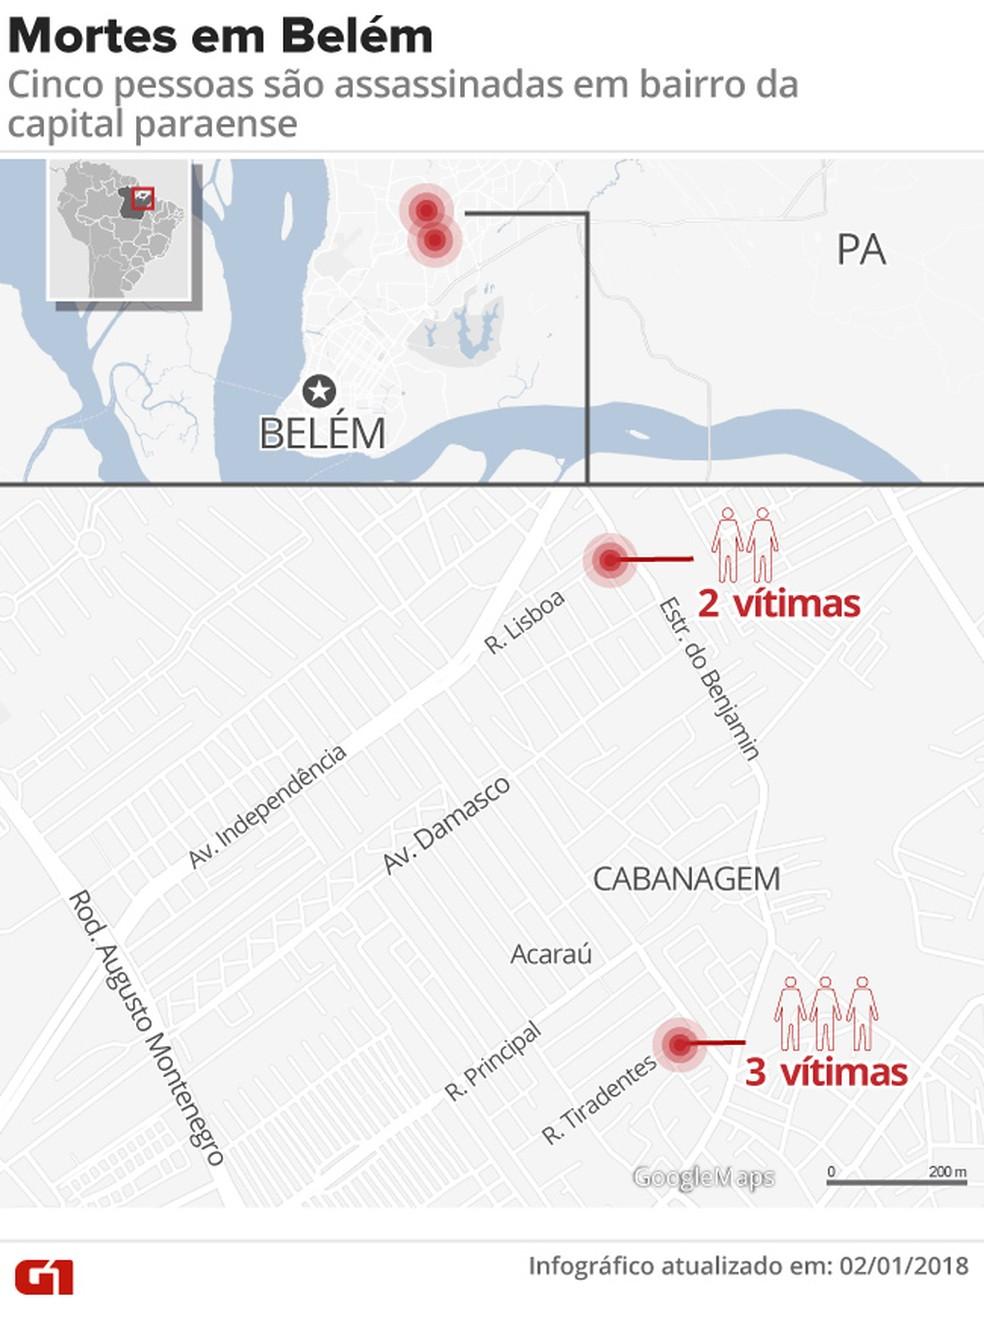 Infográfico mortes assassinatos Cabanagem Belém chacina — Foto: Arte G1